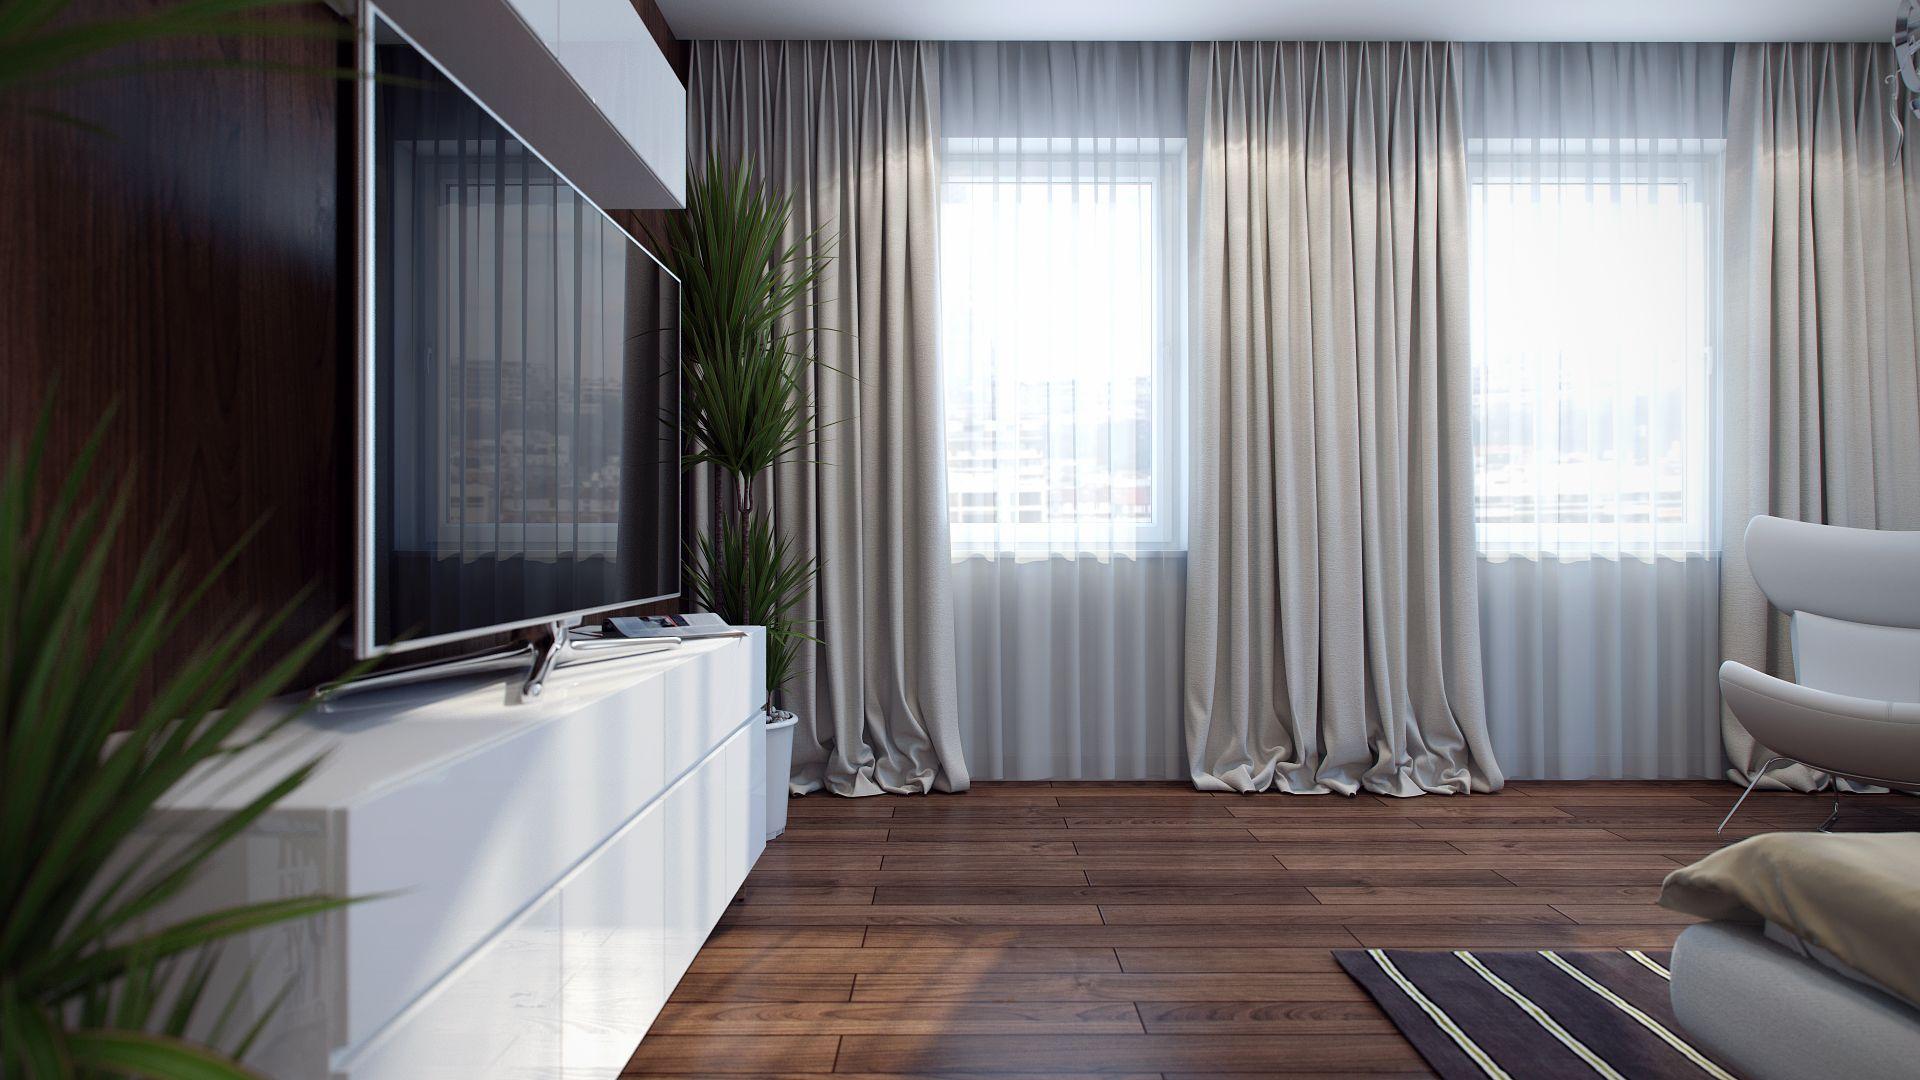 Правильно подобранные шторы помогут подчеркнуть дизайн комнаты